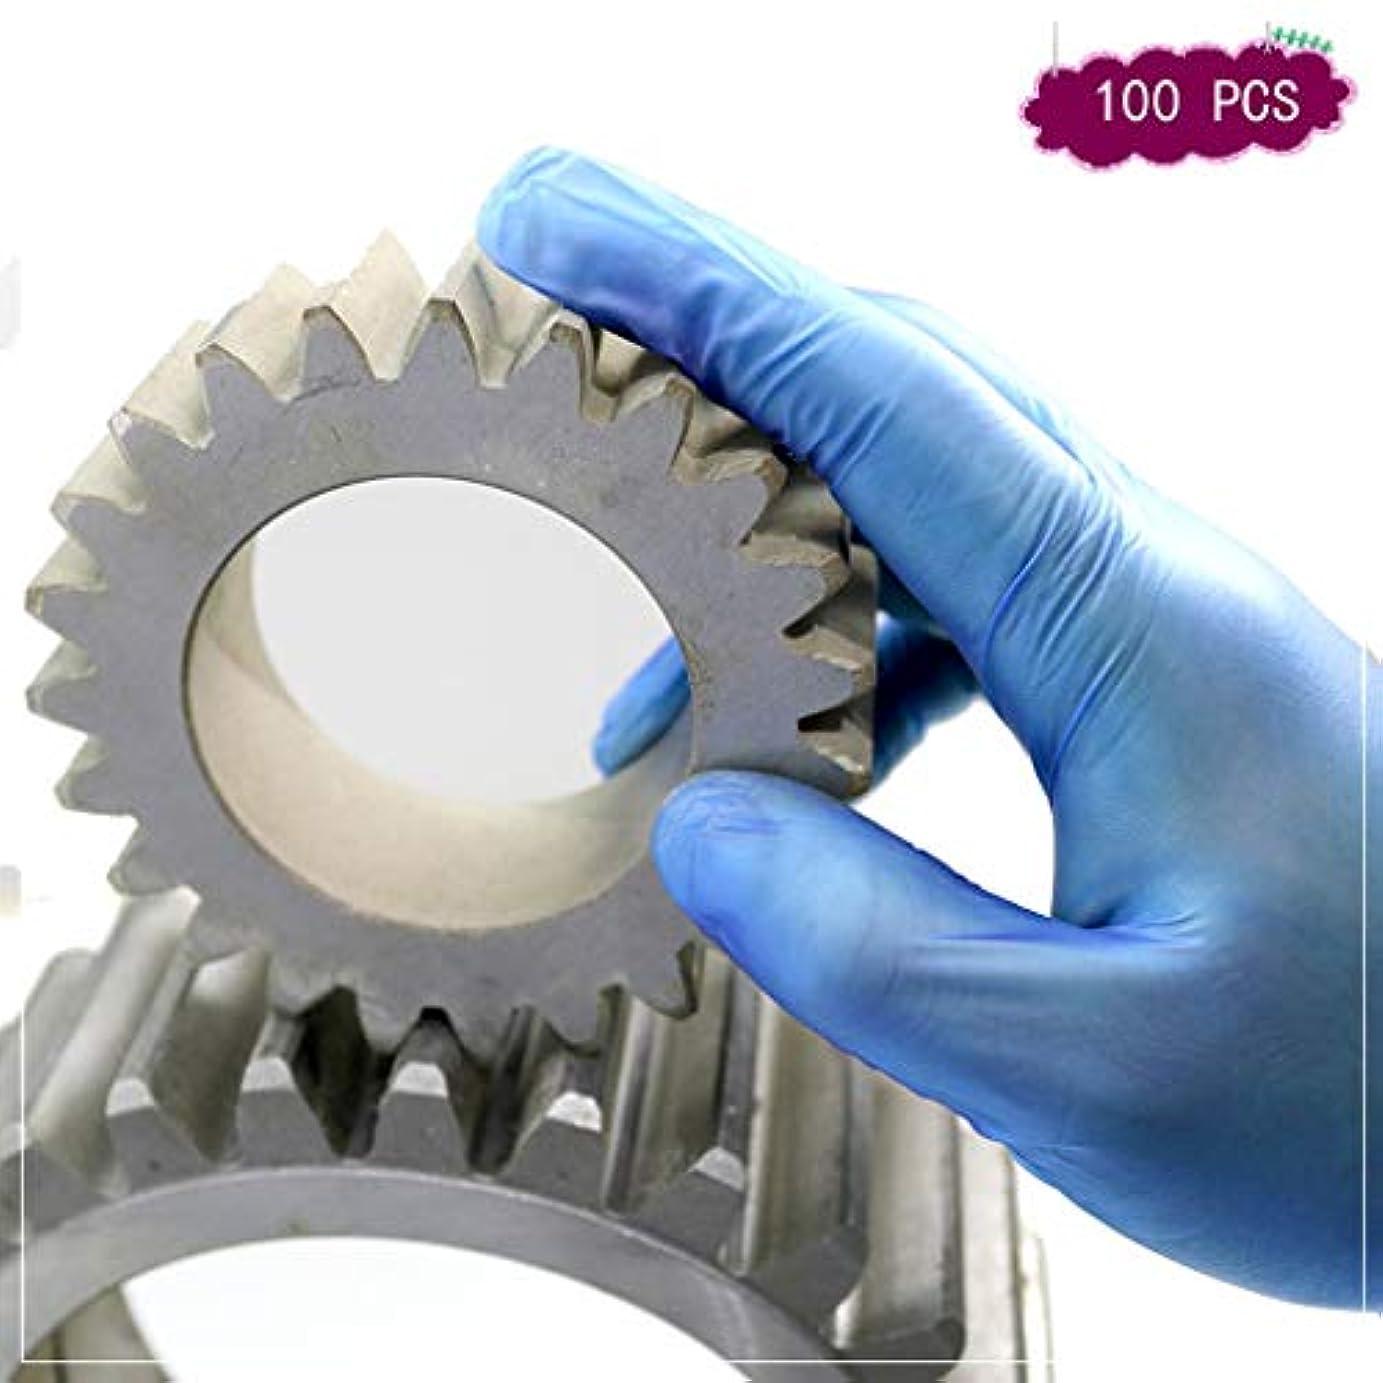 セクションコレクション人使い捨てラテックス手袋工業用グレードPVC手袋帯電防止パウダーフリーの光沢9インチアンチ油 (Color : 9 inch, Size : XL)